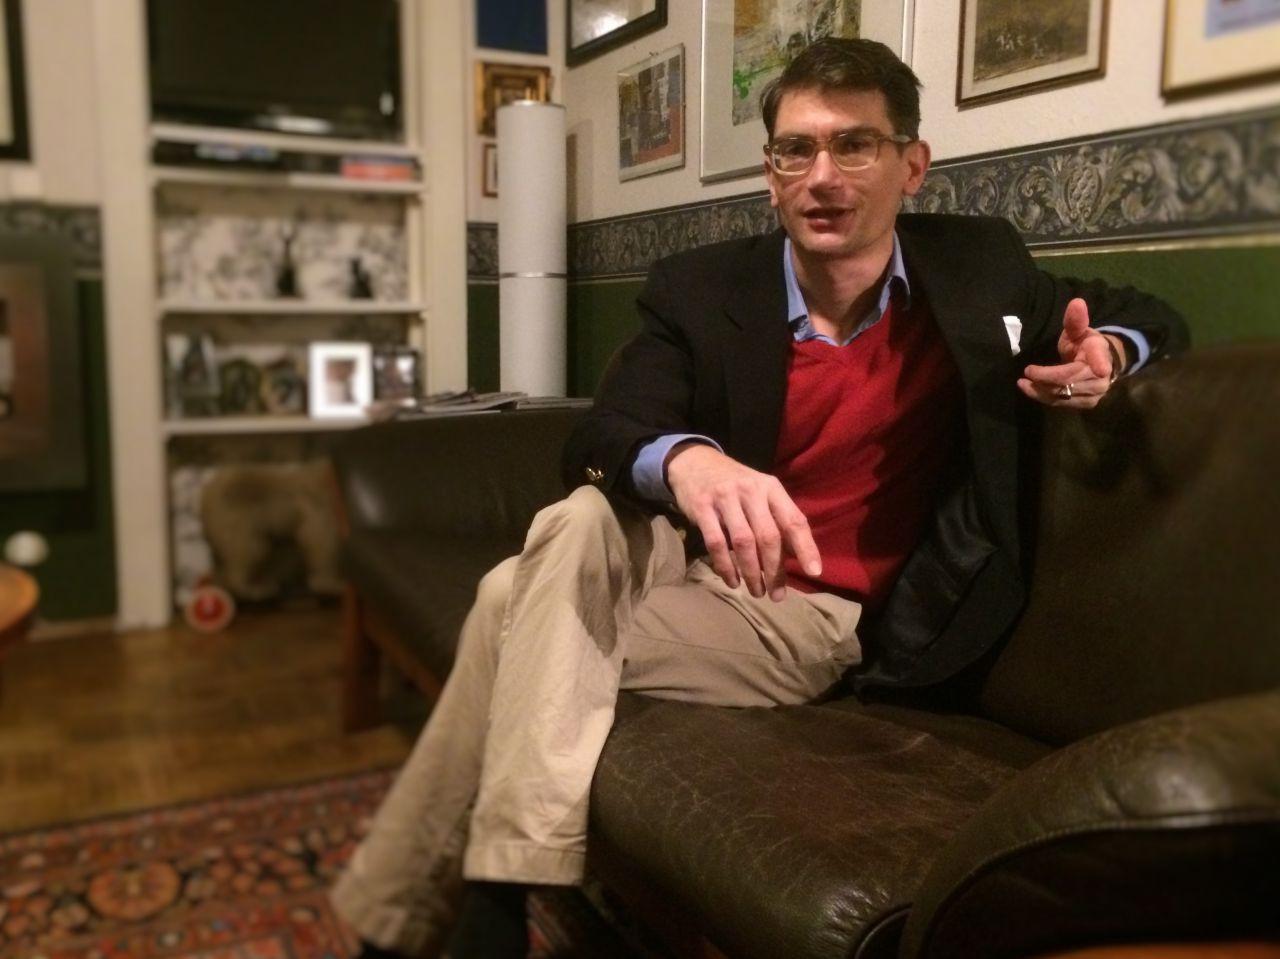 Individuelle Resilienz: Viel mehr als Stressmanagement – ein Interview mit Senior Consultant Raoul Michael Koether